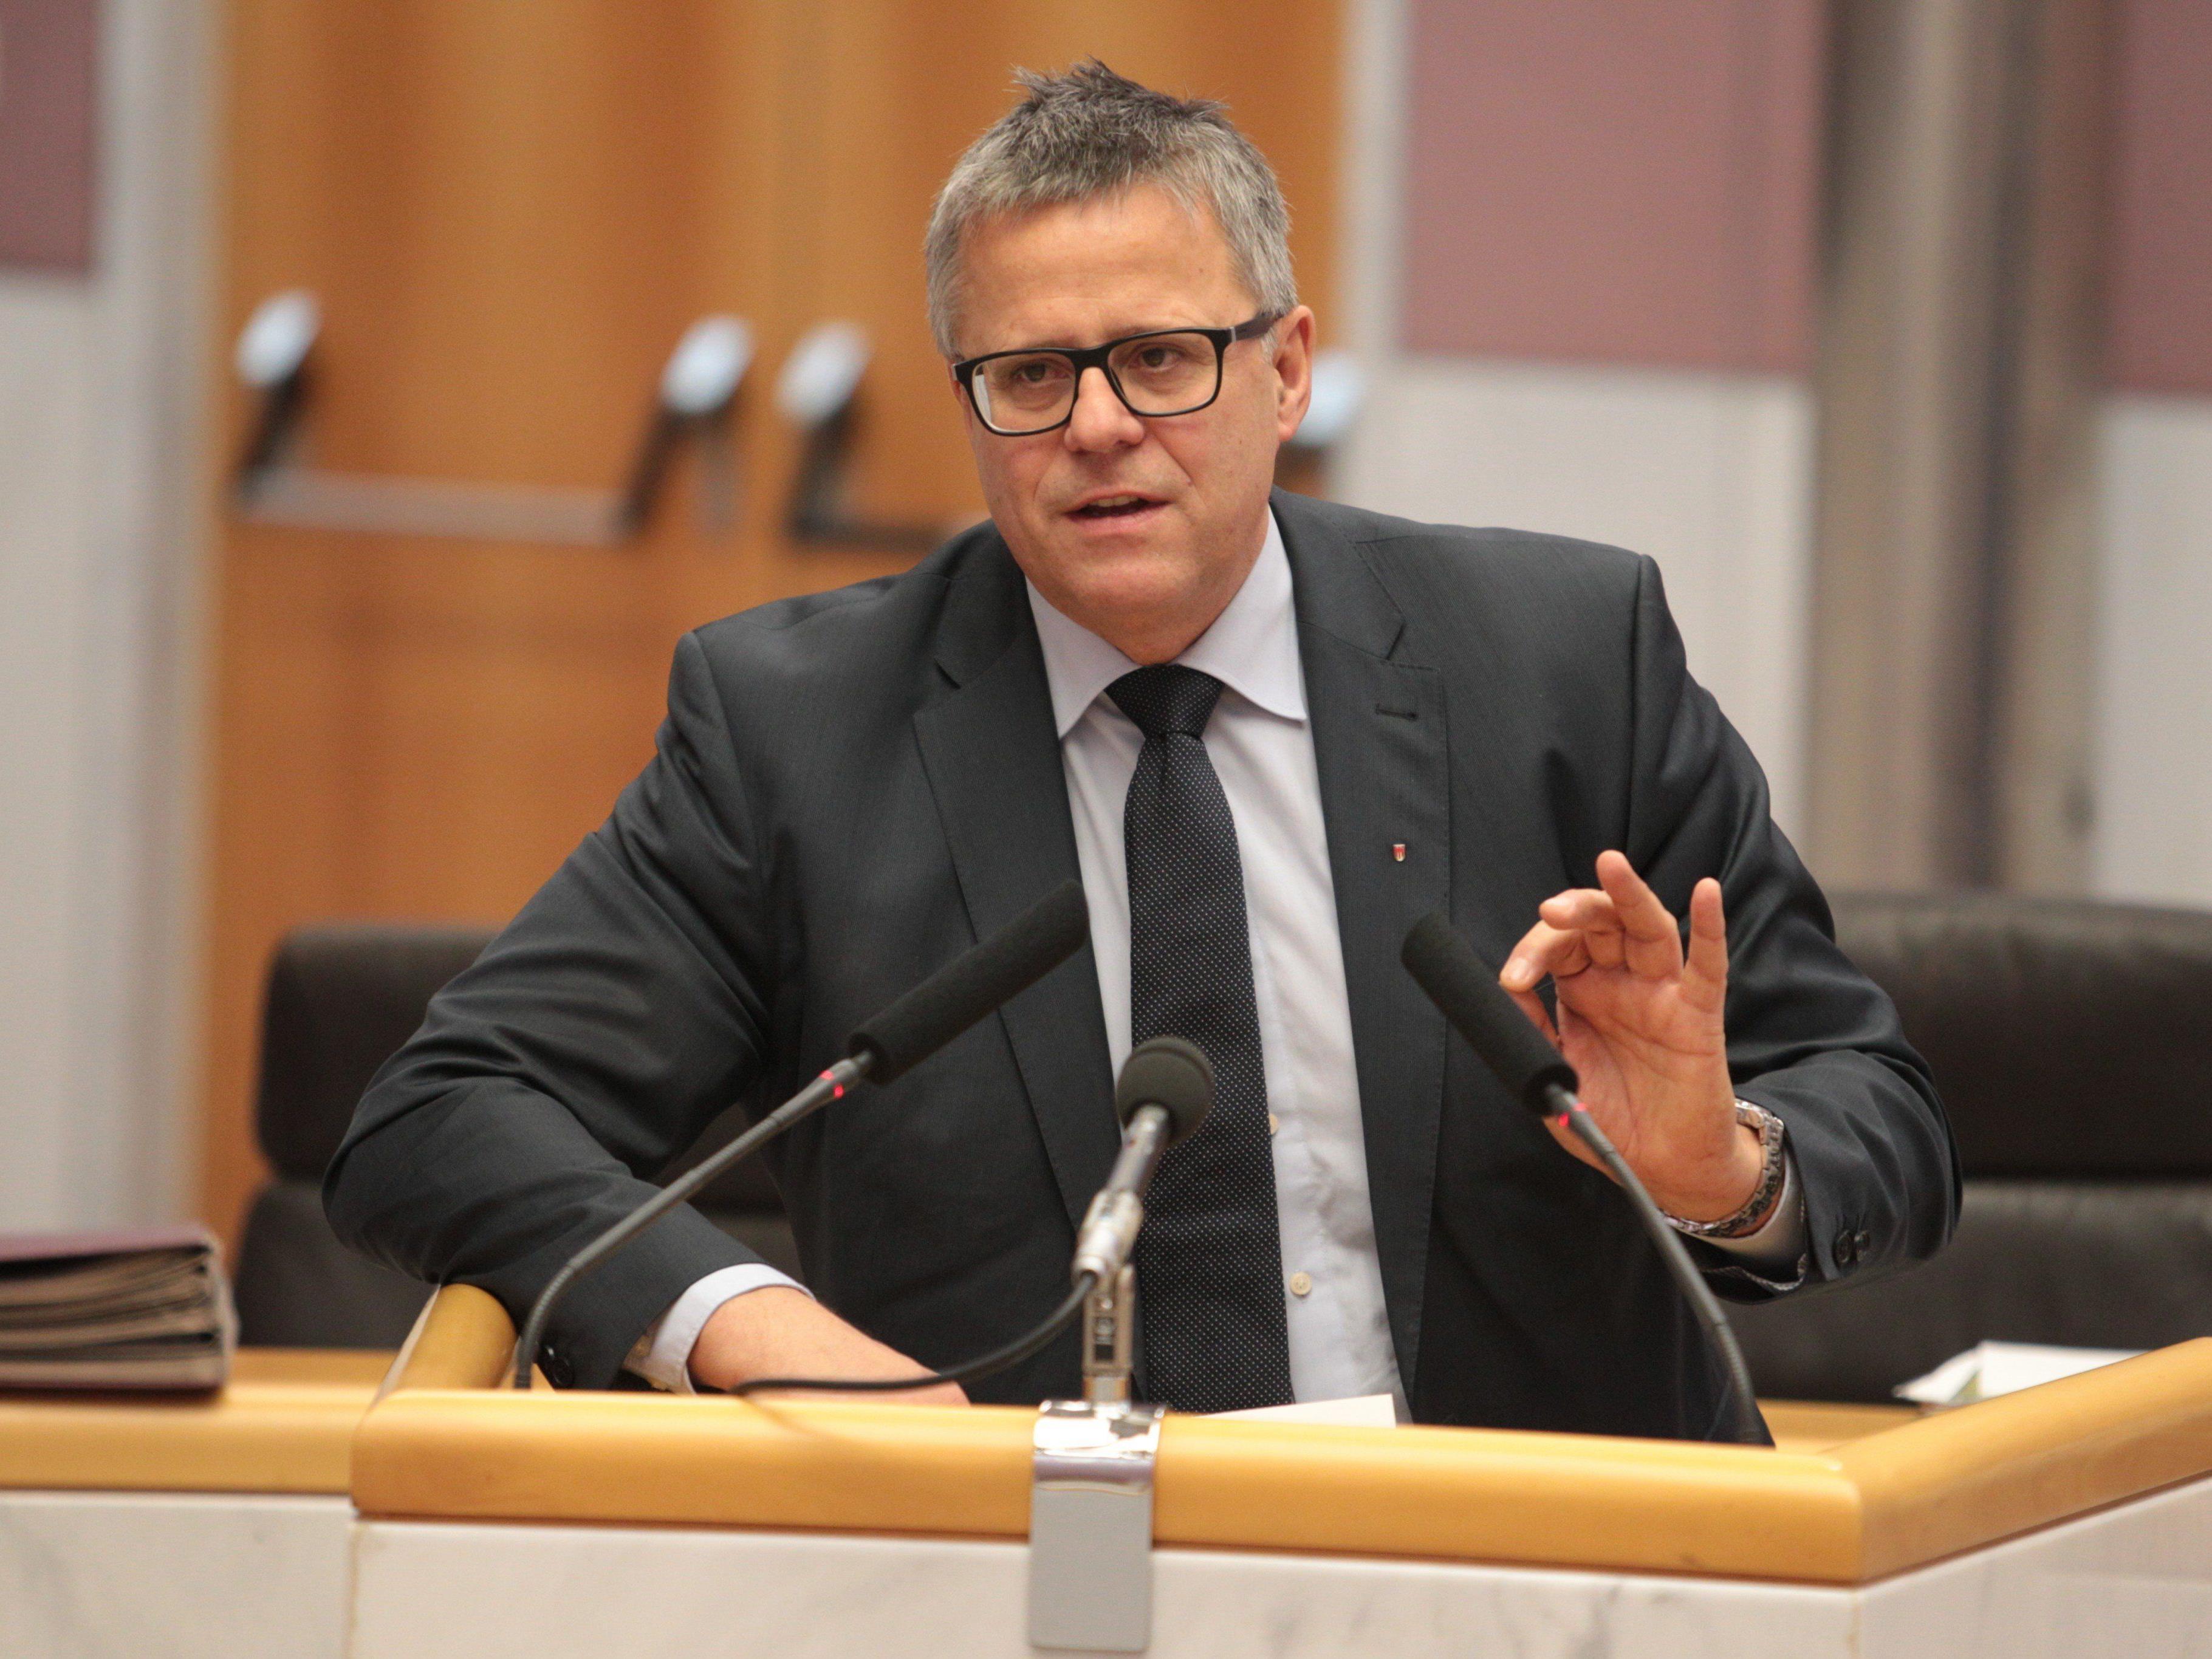 Der Vorarlberger ÖVP-Klubobmann Frühstück kann den Wunsch nach Neuwahlen von Michael Ritsch (SPÖ) nicht verstehen.